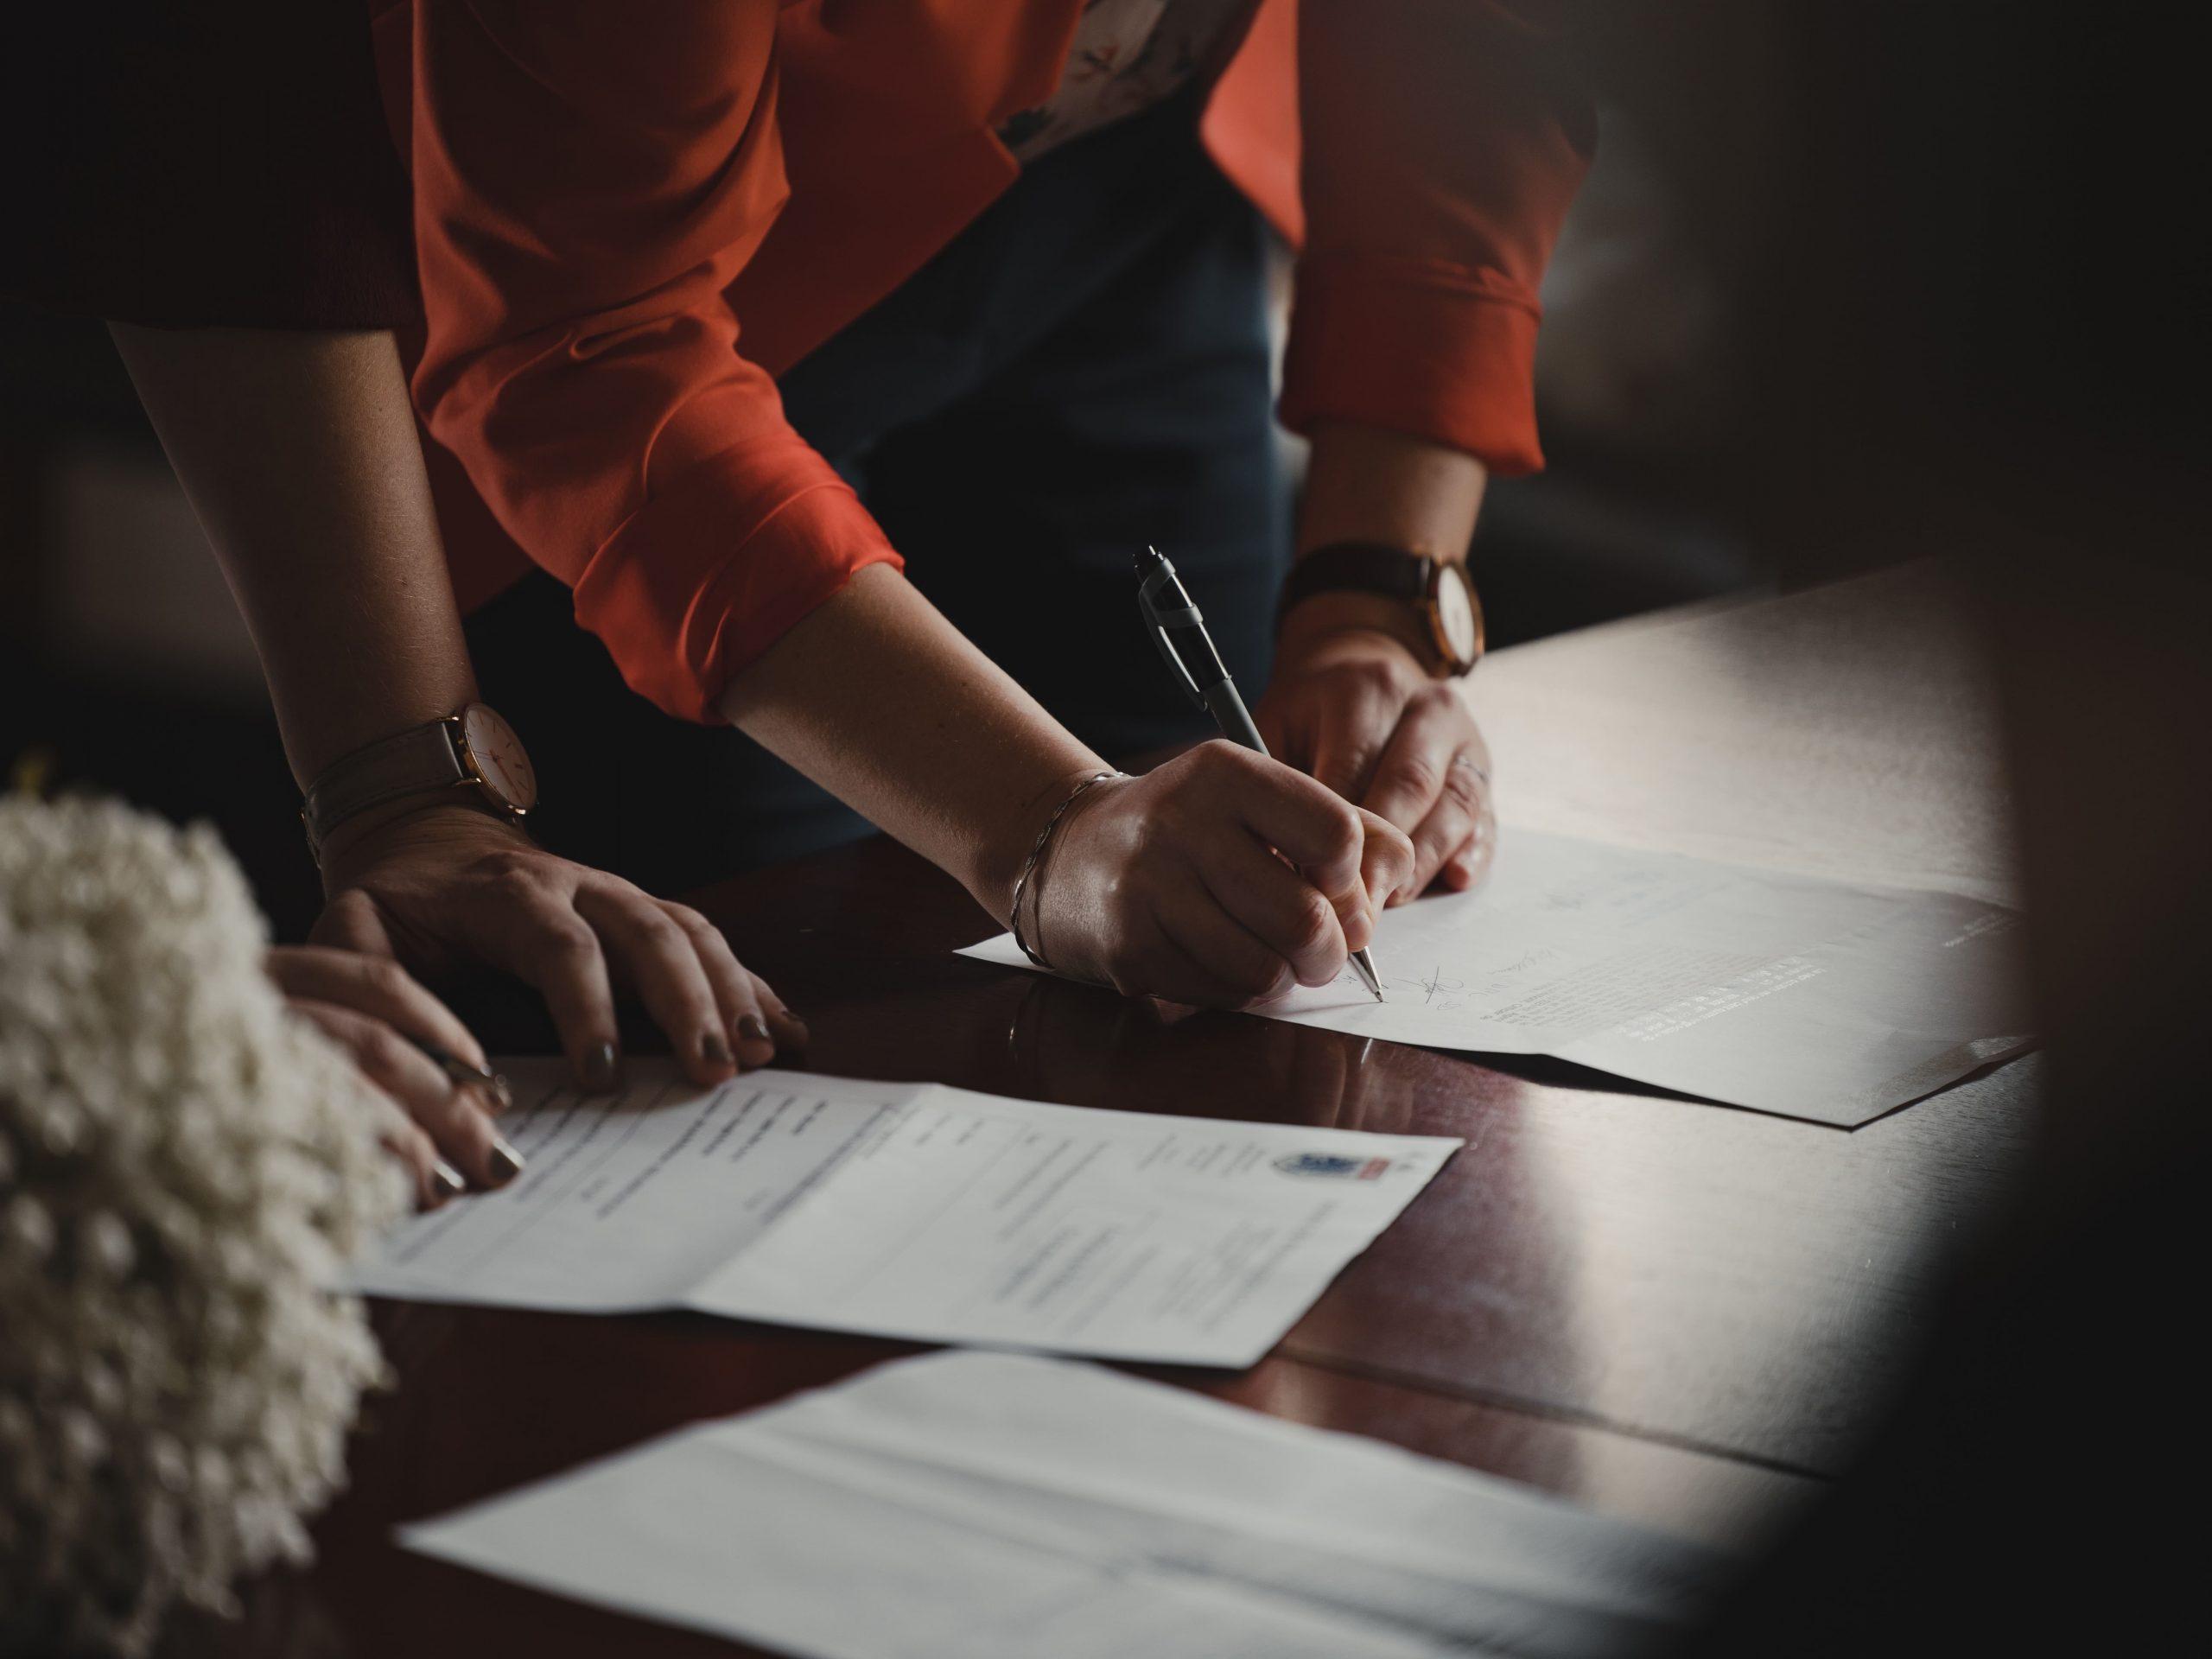 見積比較とは?見積書のポイント、価格や契約内容の比較方法を徹底解説